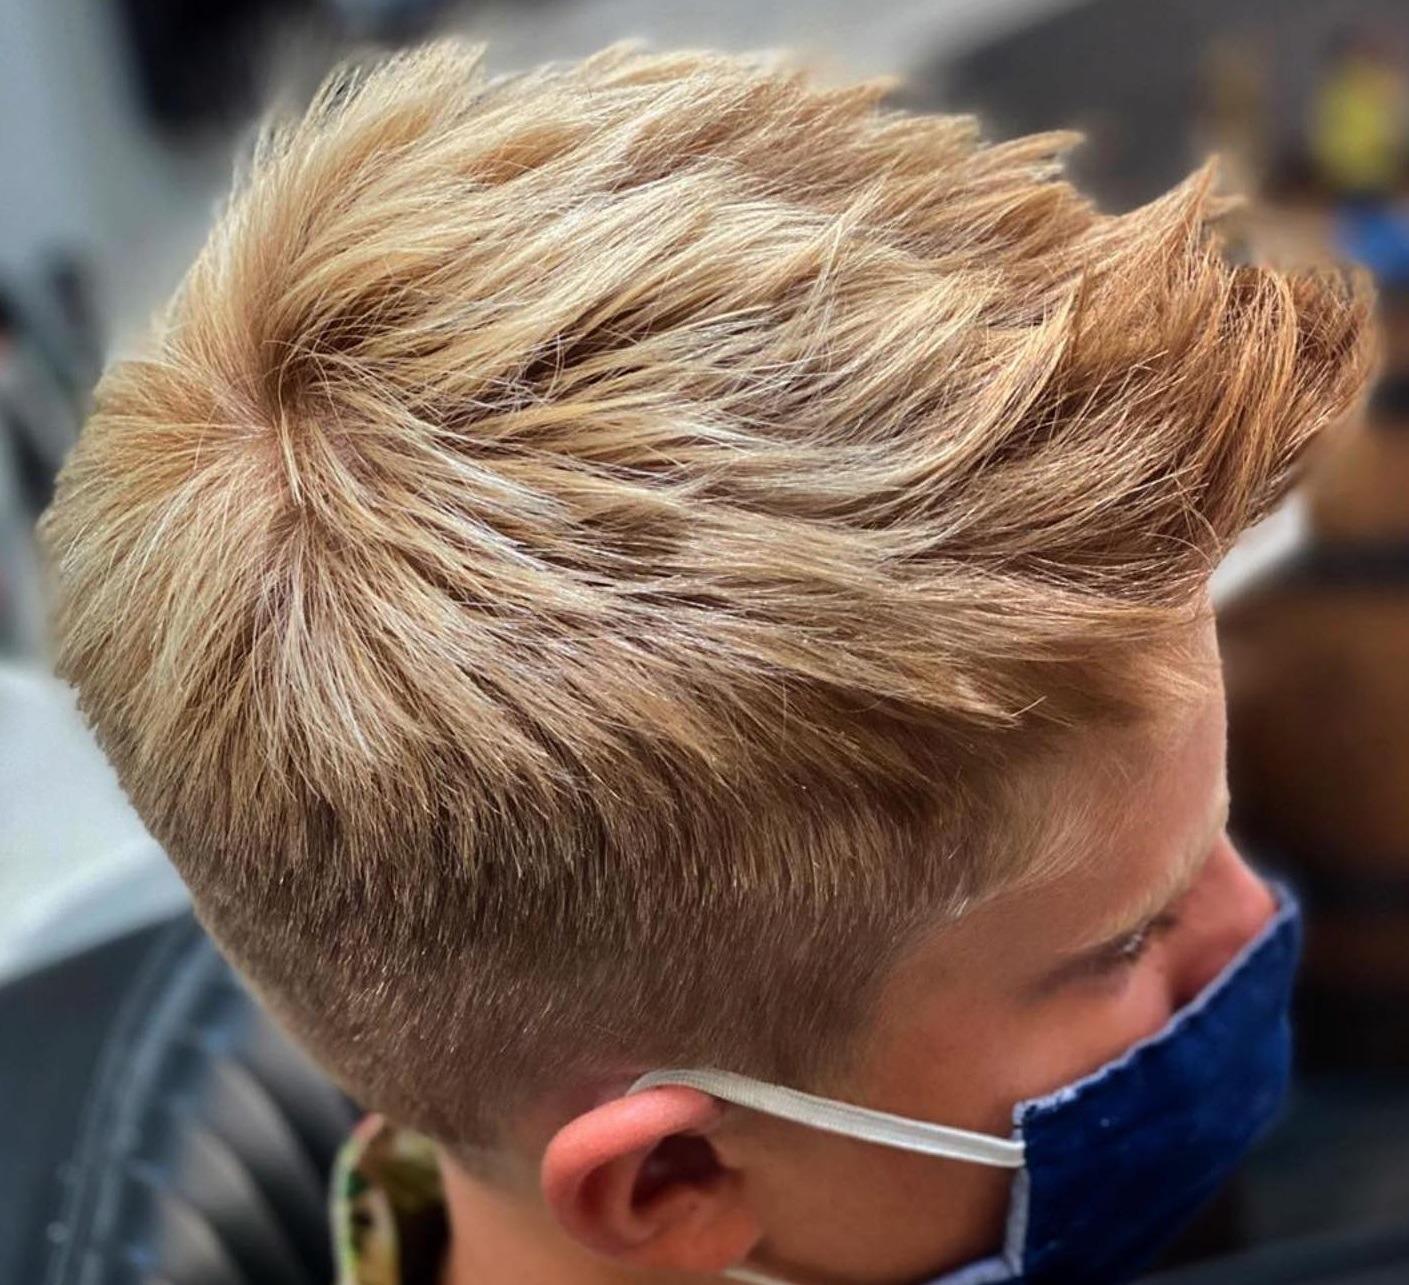 Santabarba Messi Haircut - Taglio di capelli spettinato